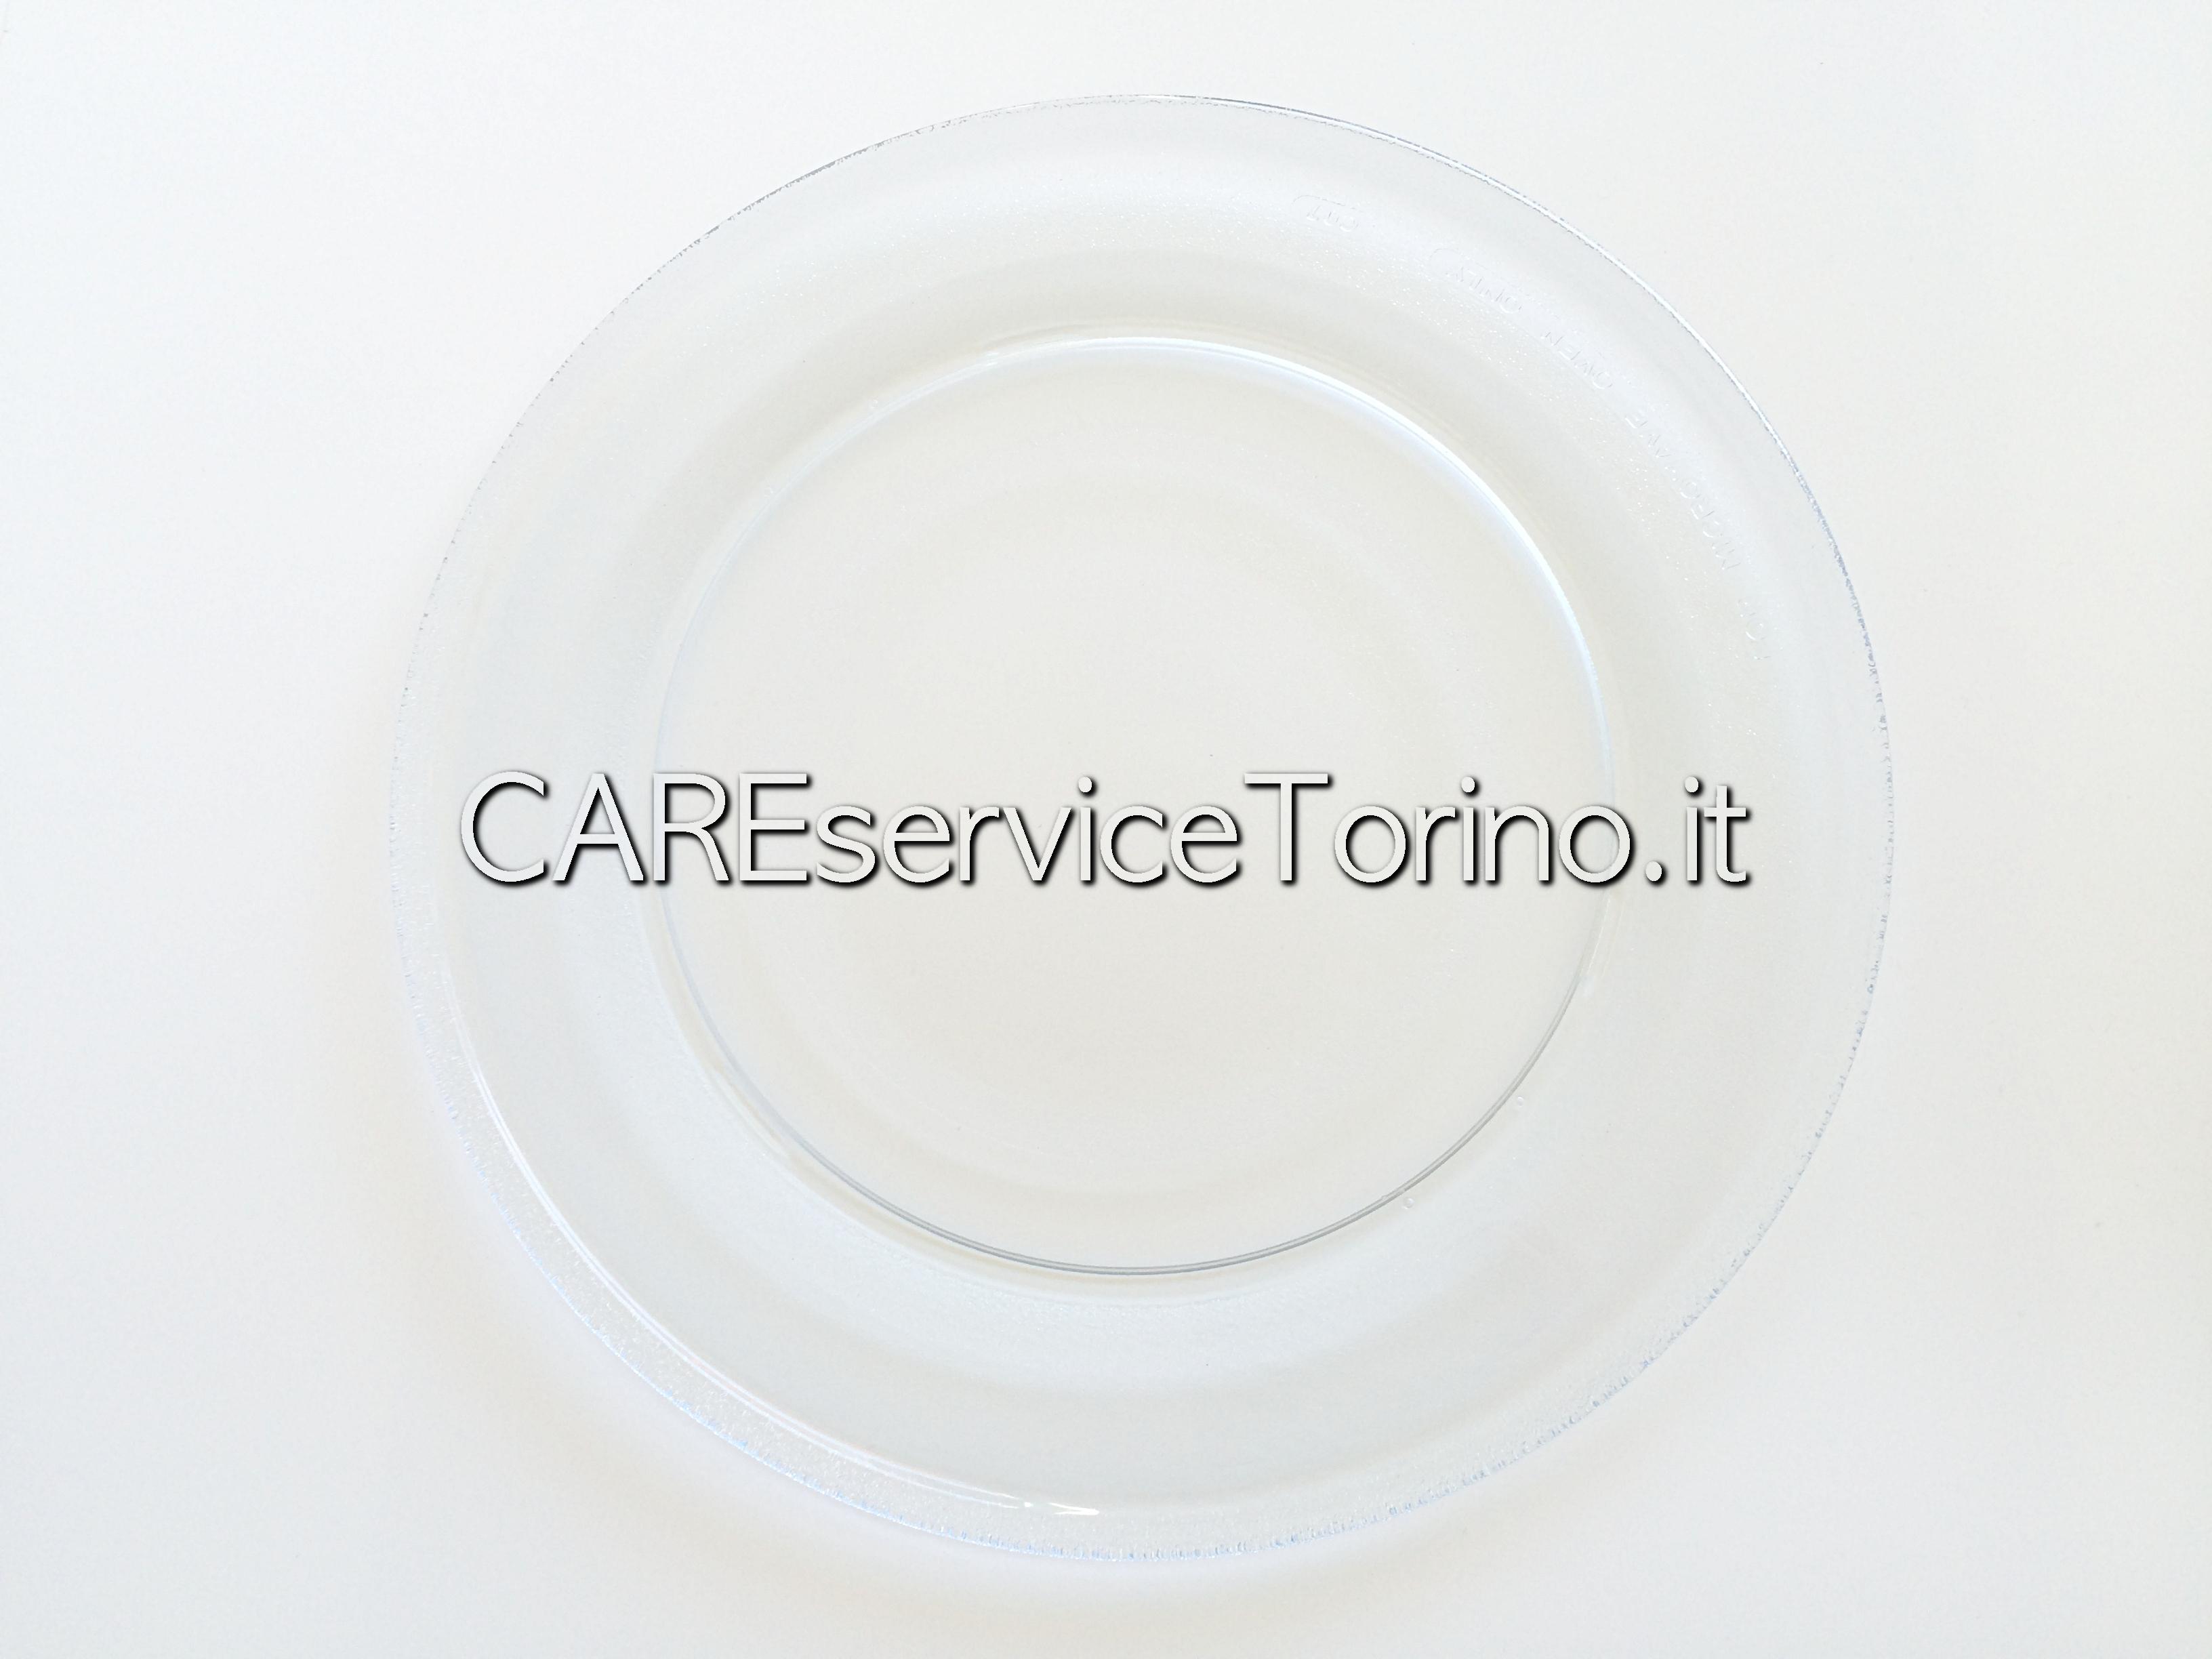 Cs, CAREservice 00609852-2 MICROONDE | Piatto [Cod.00609852] Microonde Piatti Vetro  00609852